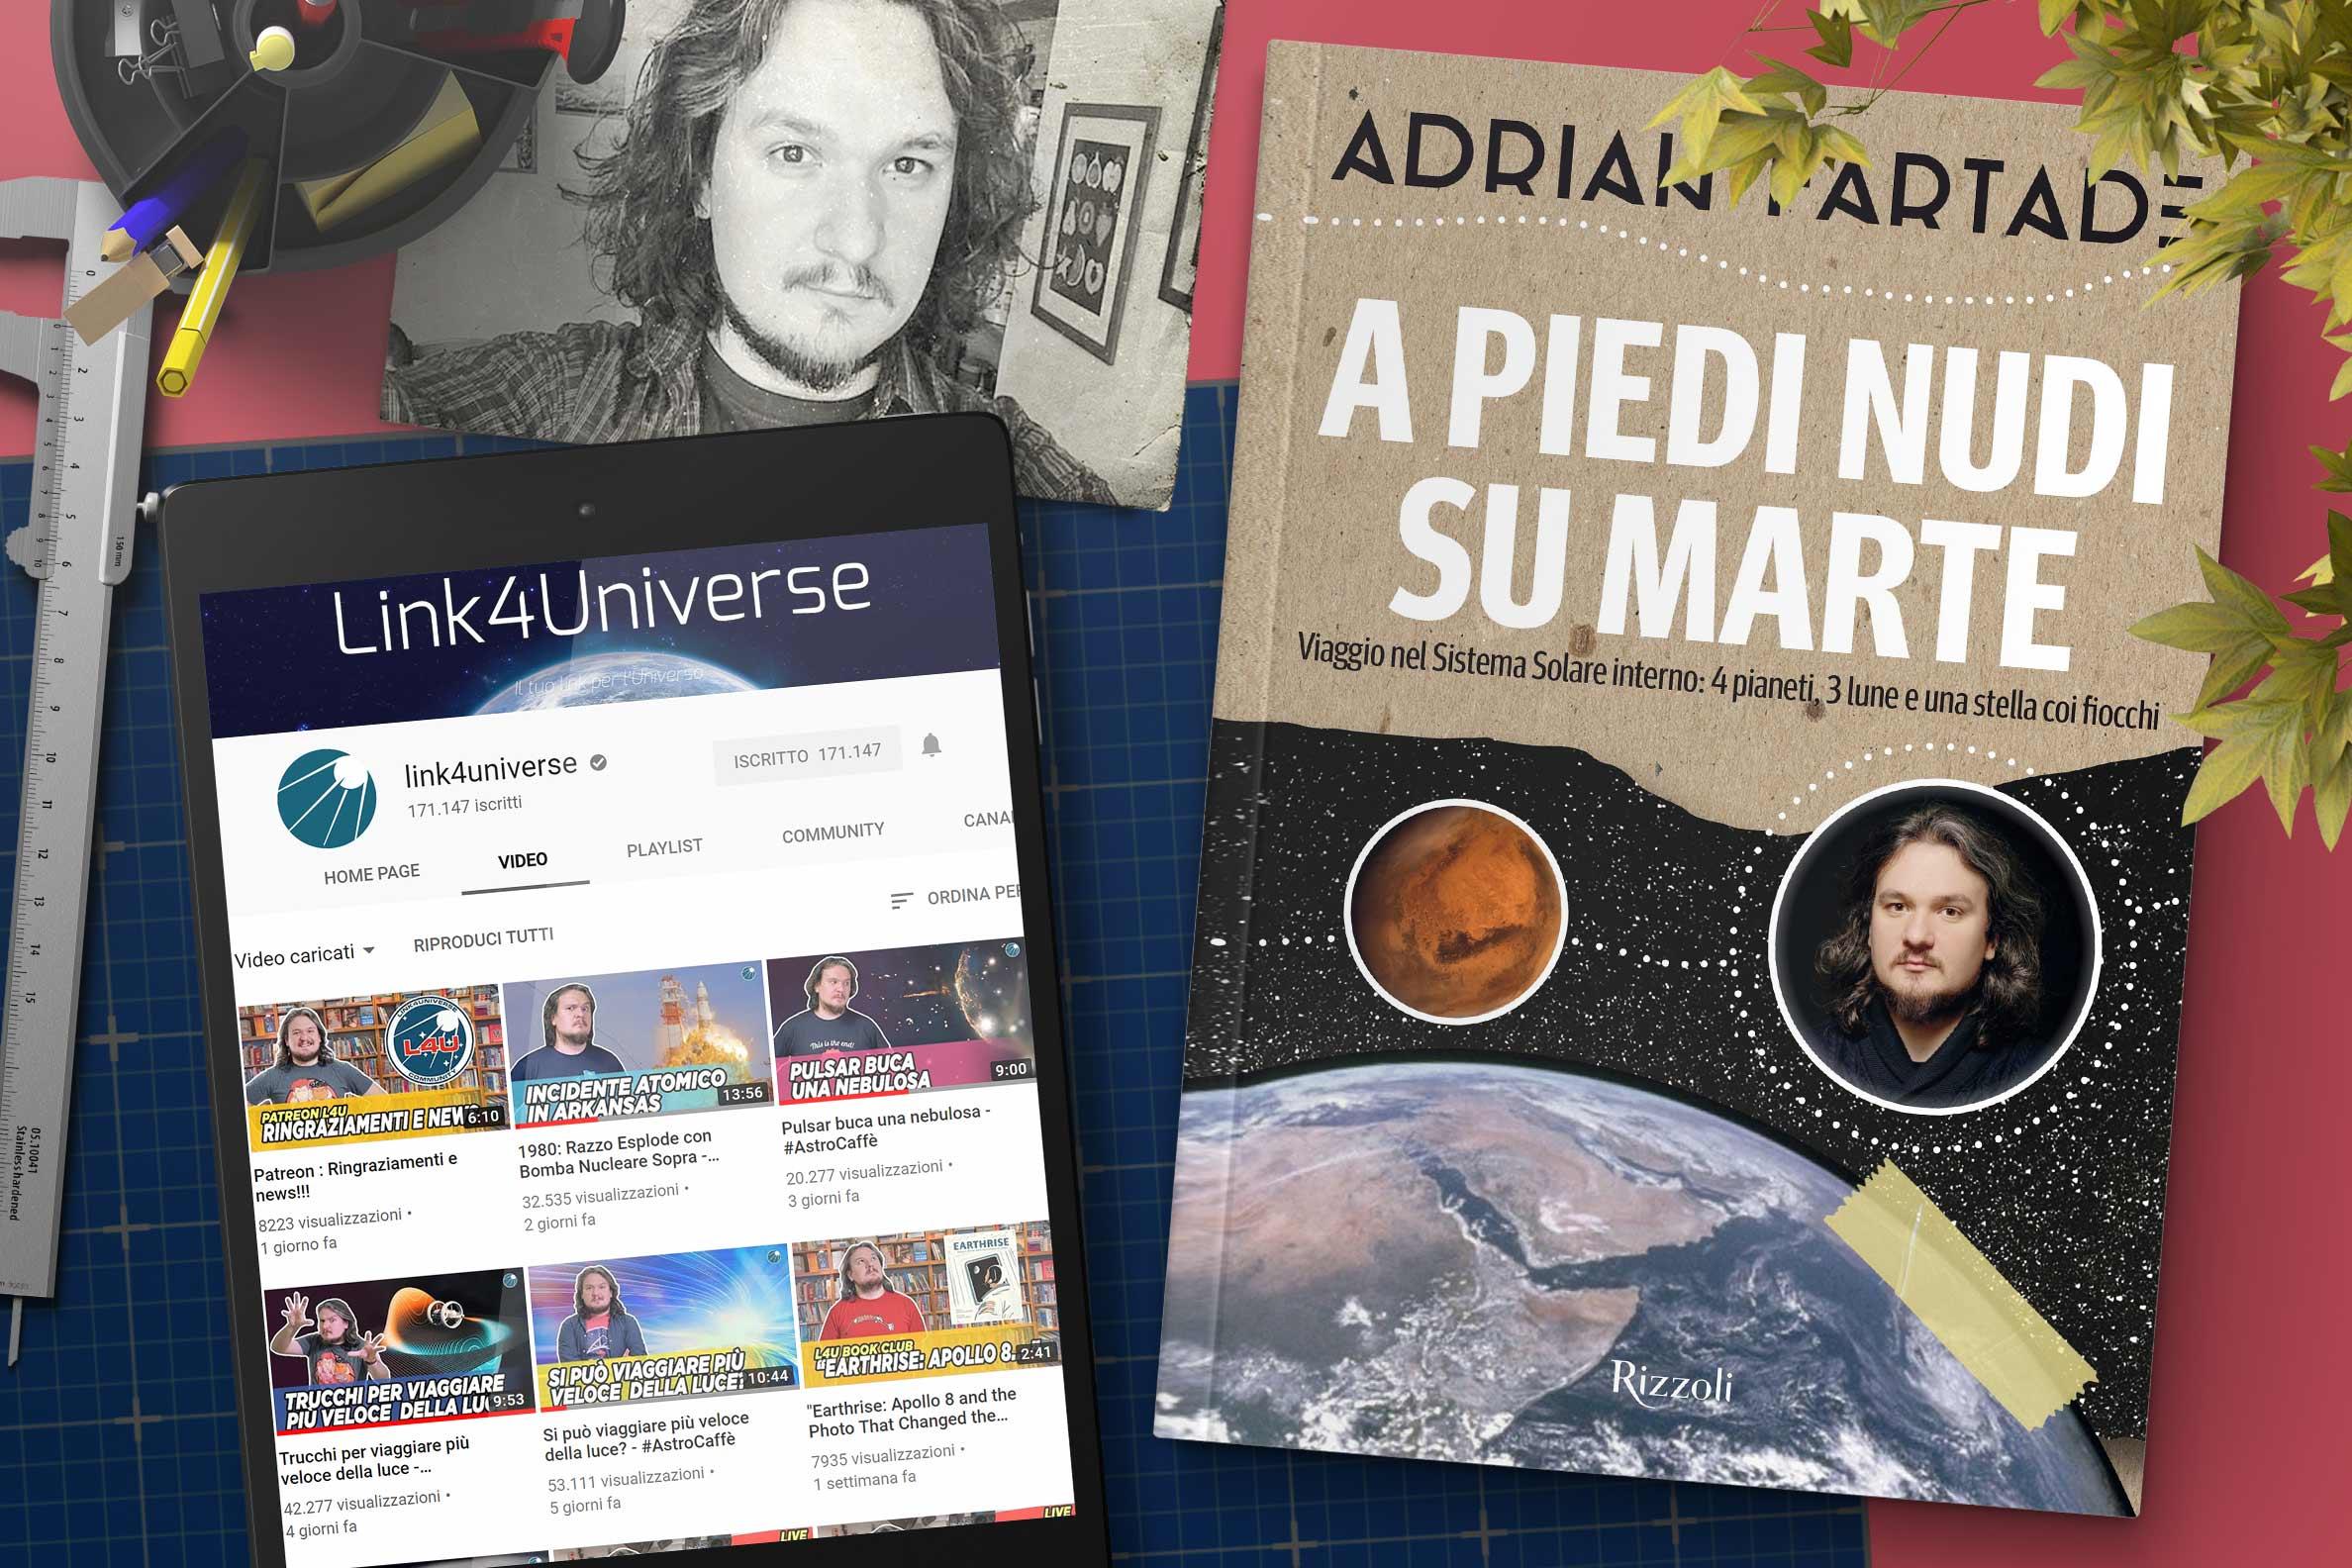 libro-adrian-fartade-spazio-marte-link4universe